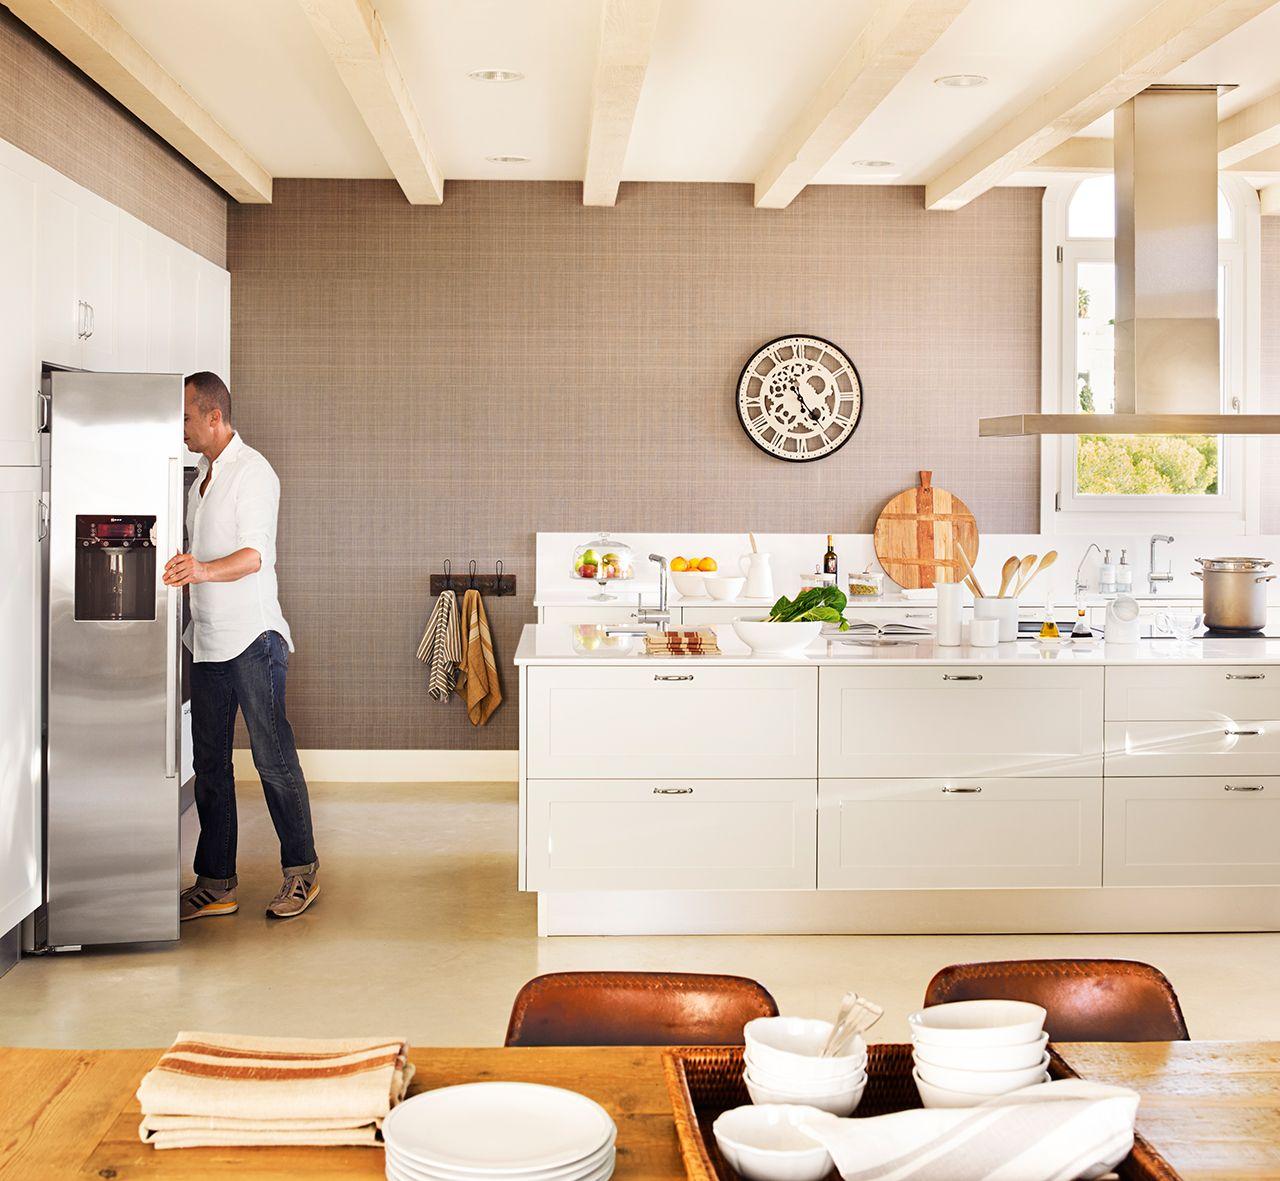 Mi casa tiene historia, era un convento | Kitchens, Open concept and ...